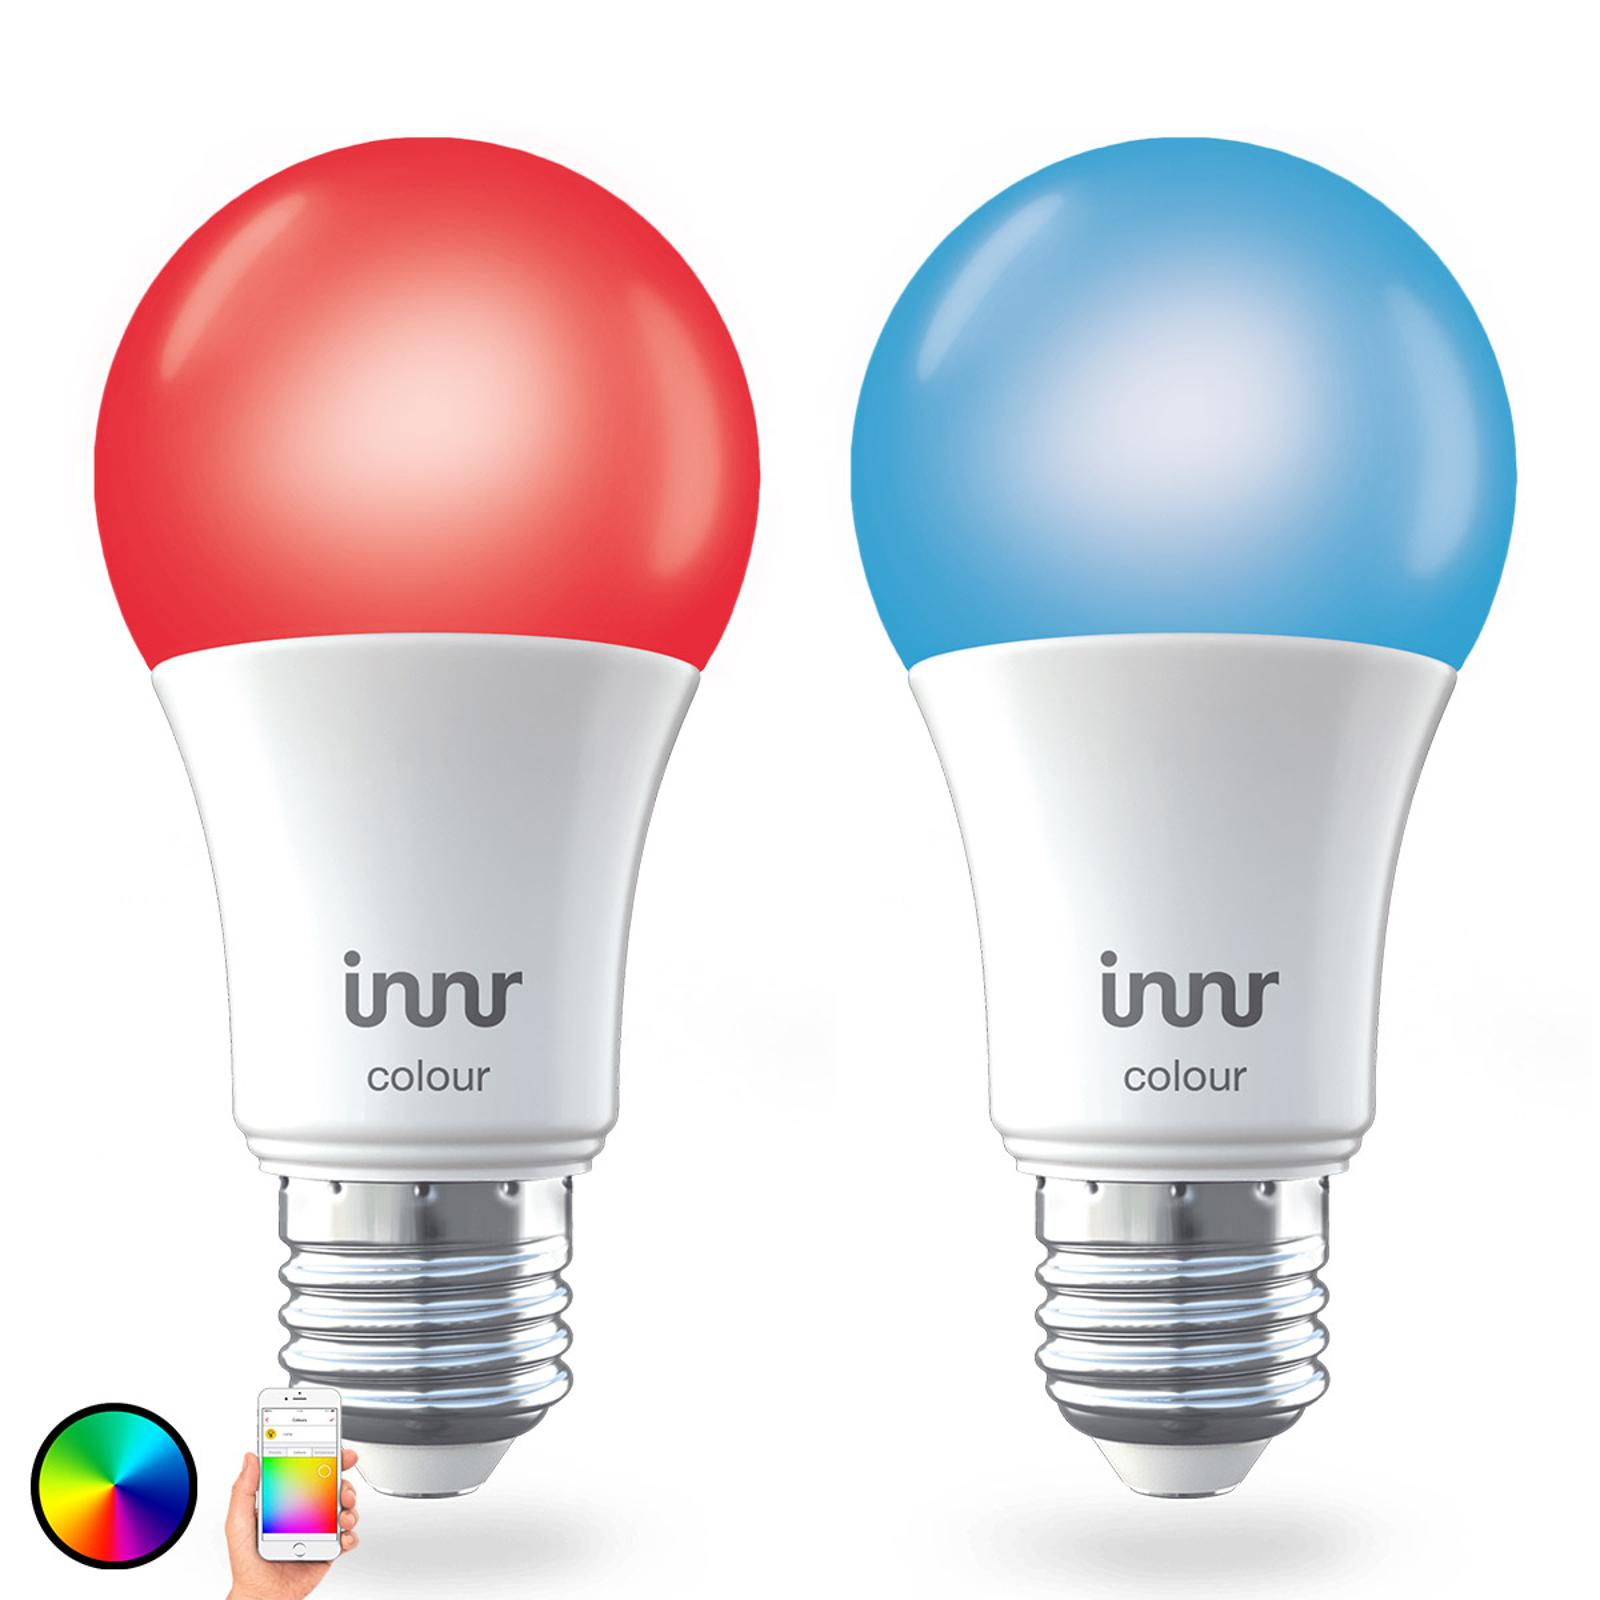 E27 9,5W LED-Lampe Innr Smart Bulb Colour 2er-Pack